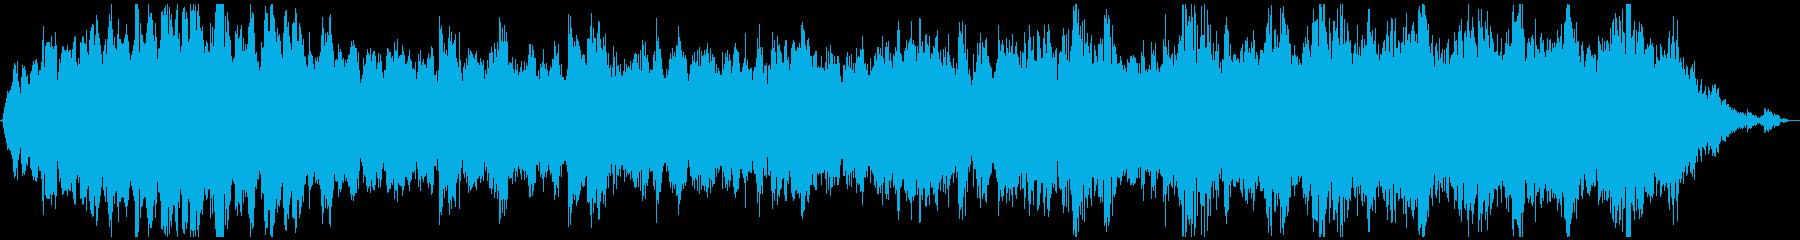 ドローン バブリングブルック01の再生済みの波形